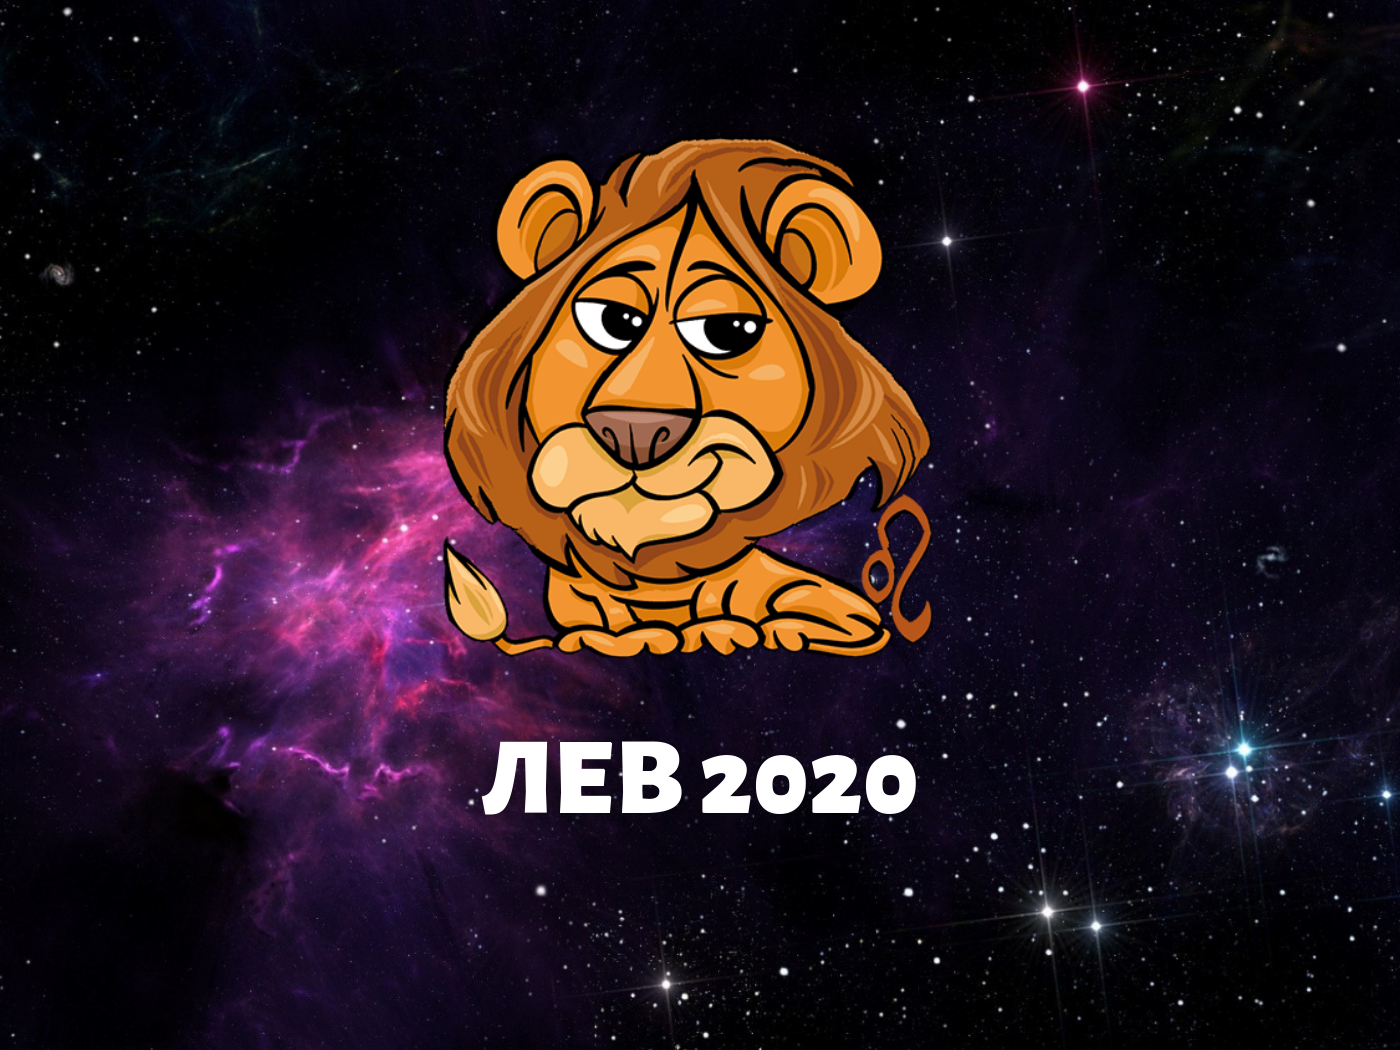 гороскоп лев 2020